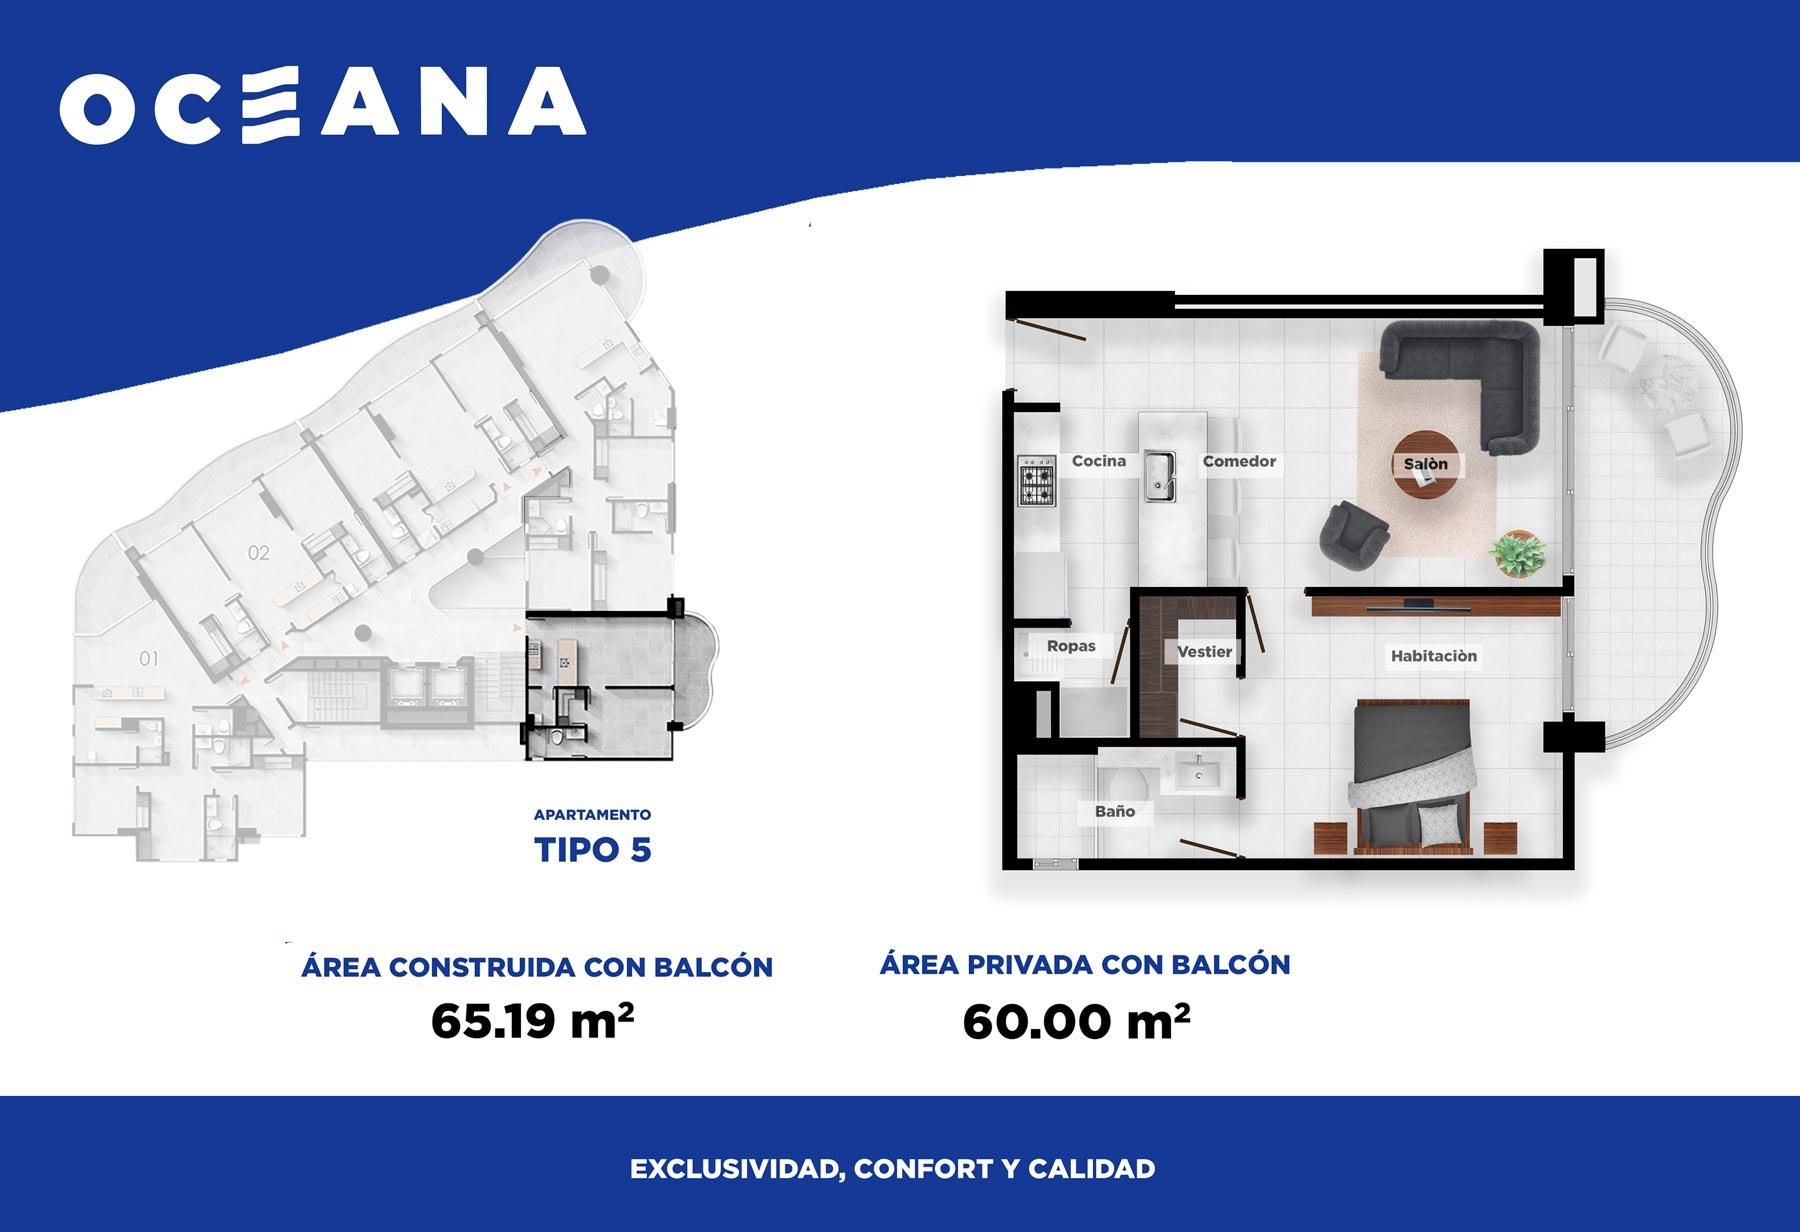 Plano apartamento Cartagena Tipo 5